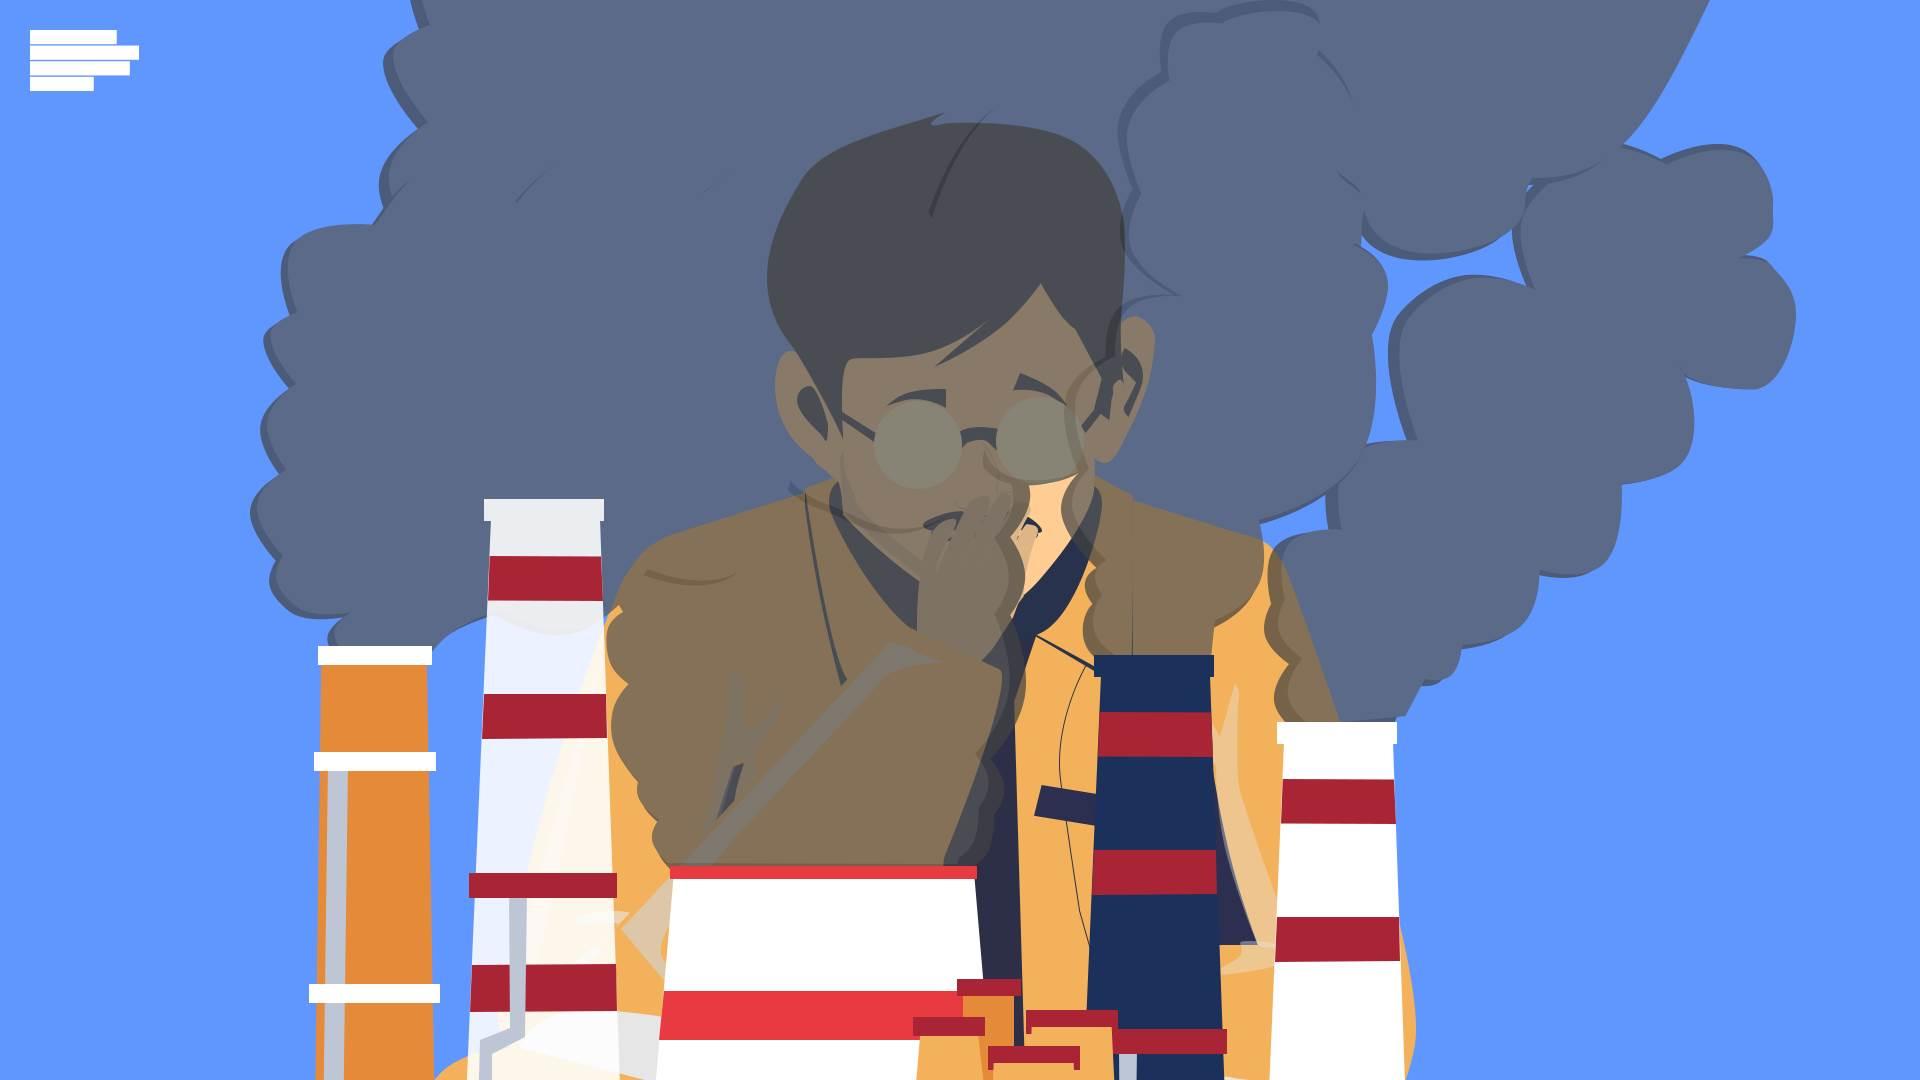 vazduh, zagađenje, disanje, gušenje, dim, dimnjaci, polution, ekologija, priroda